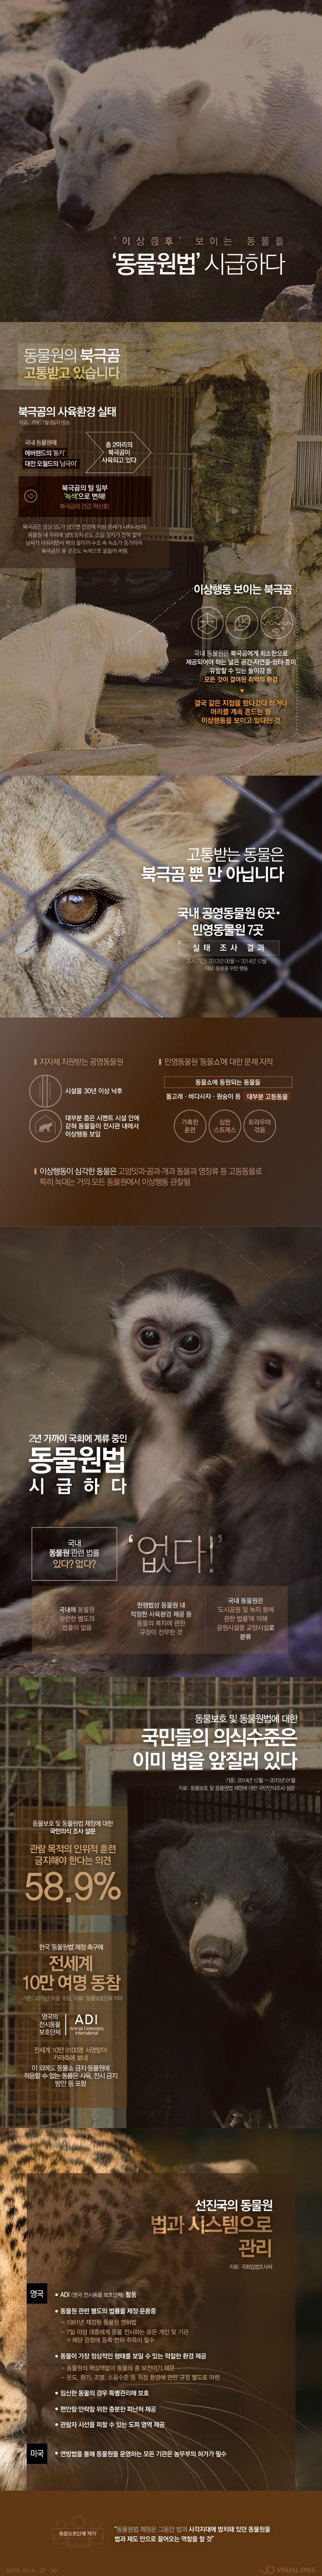 이상증후 보이는 동물들… 동물원법 제정 시급 [인포그래픽] #Law / #Infographic ⓒ 비주얼다이브 무단 복사·전재·재배포 금지